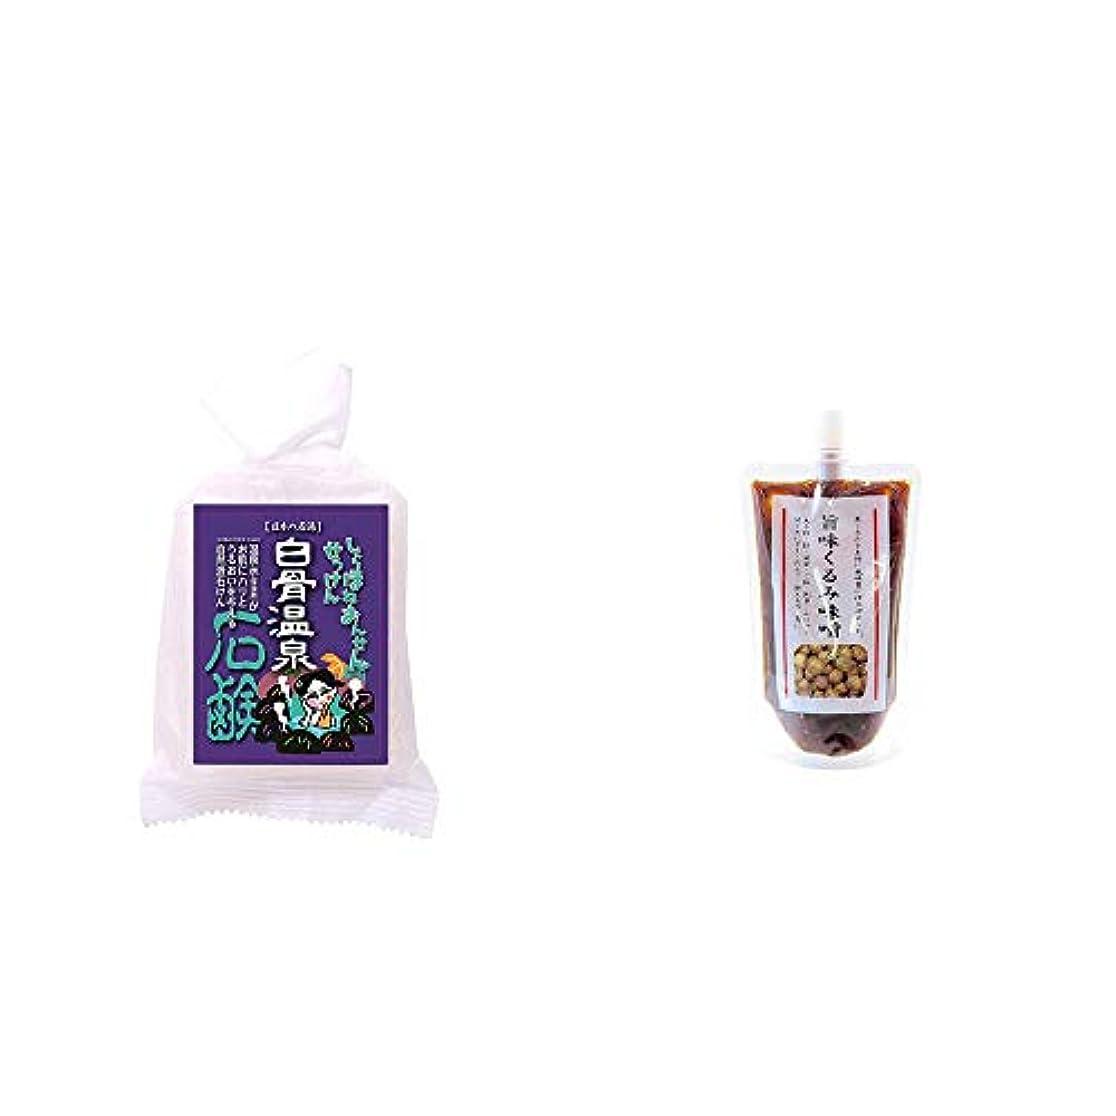 キモい音節カウボーイ[2点セット] 信州 白骨温泉石鹸(80g)?旨味くるみ味噌(260g)